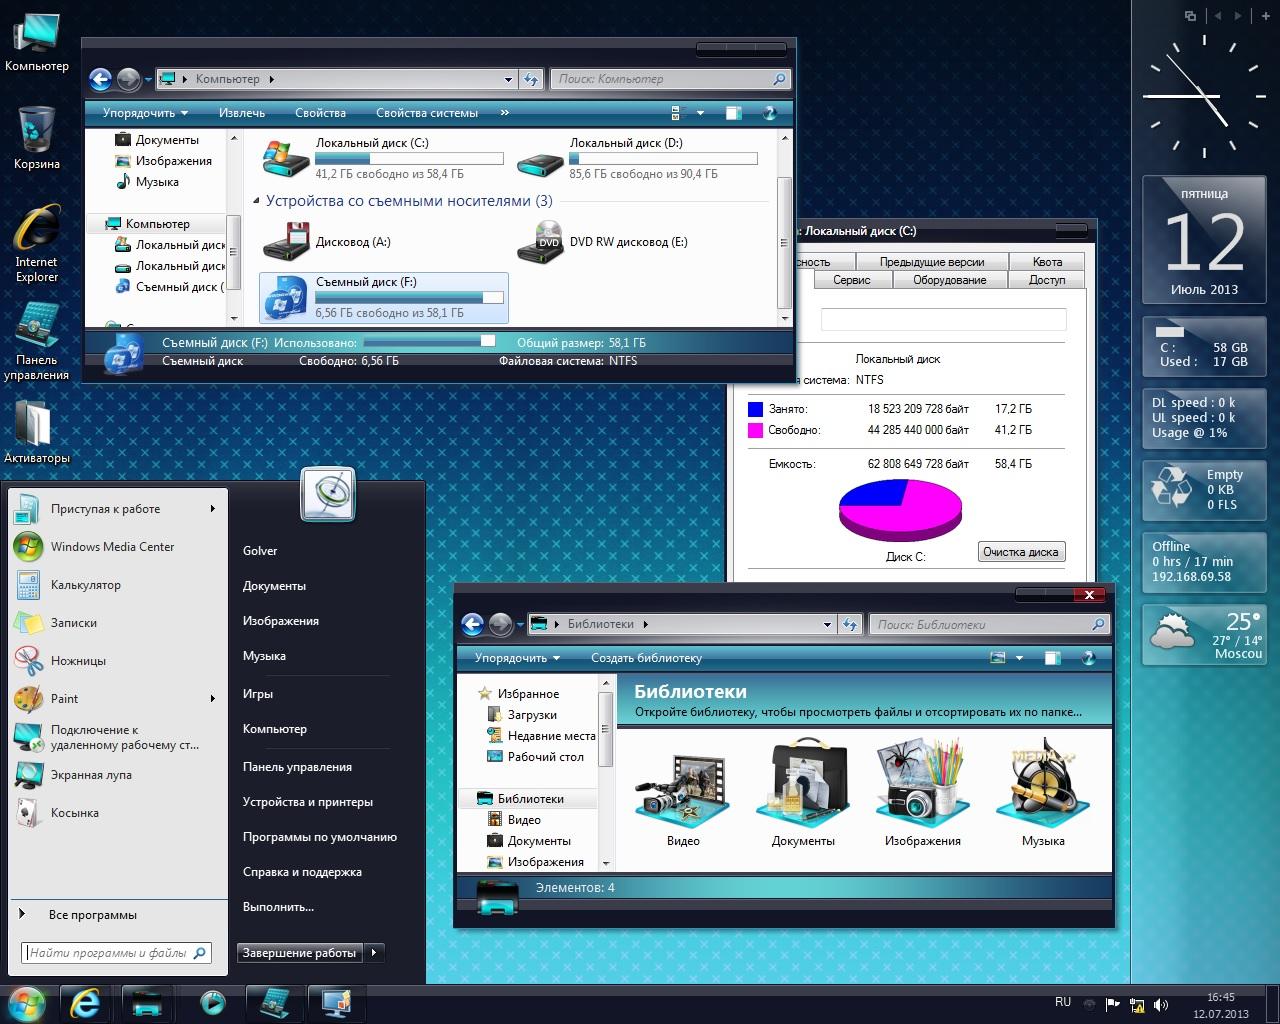 Скачать сборку windows 7 32 bit